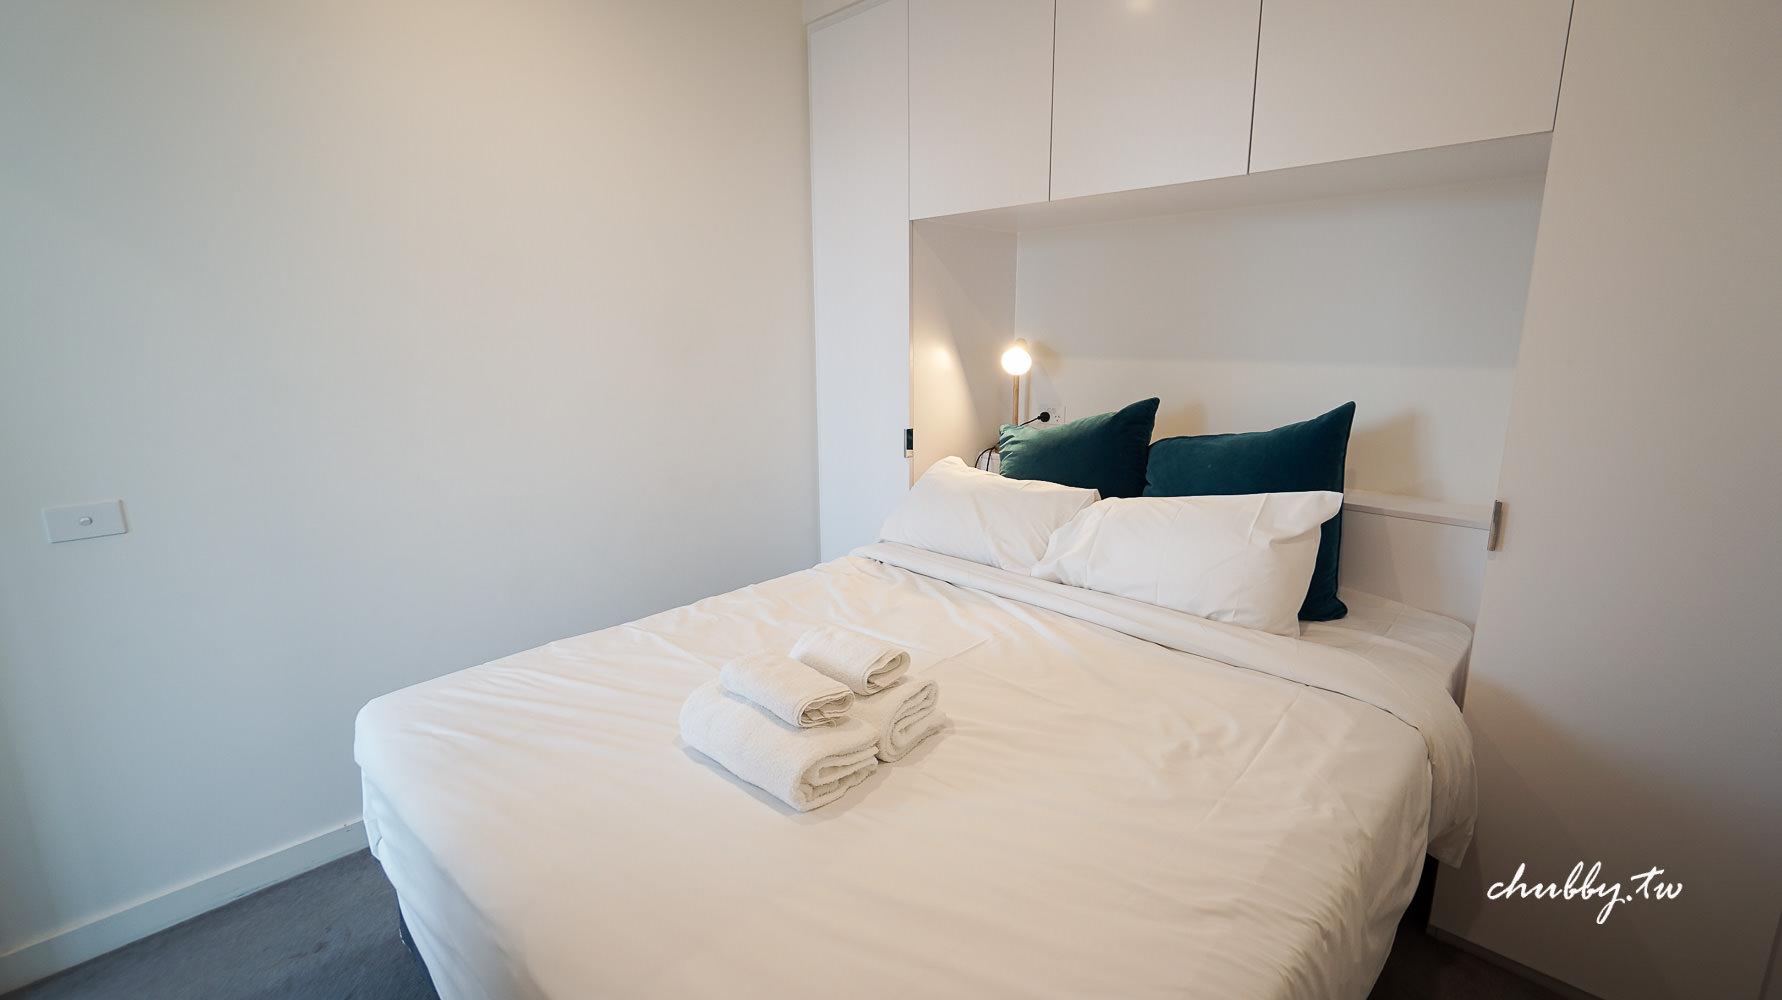 澳洲遊學│我的宿舍生活:墨爾本市中心airbnb的遊學日常紀錄